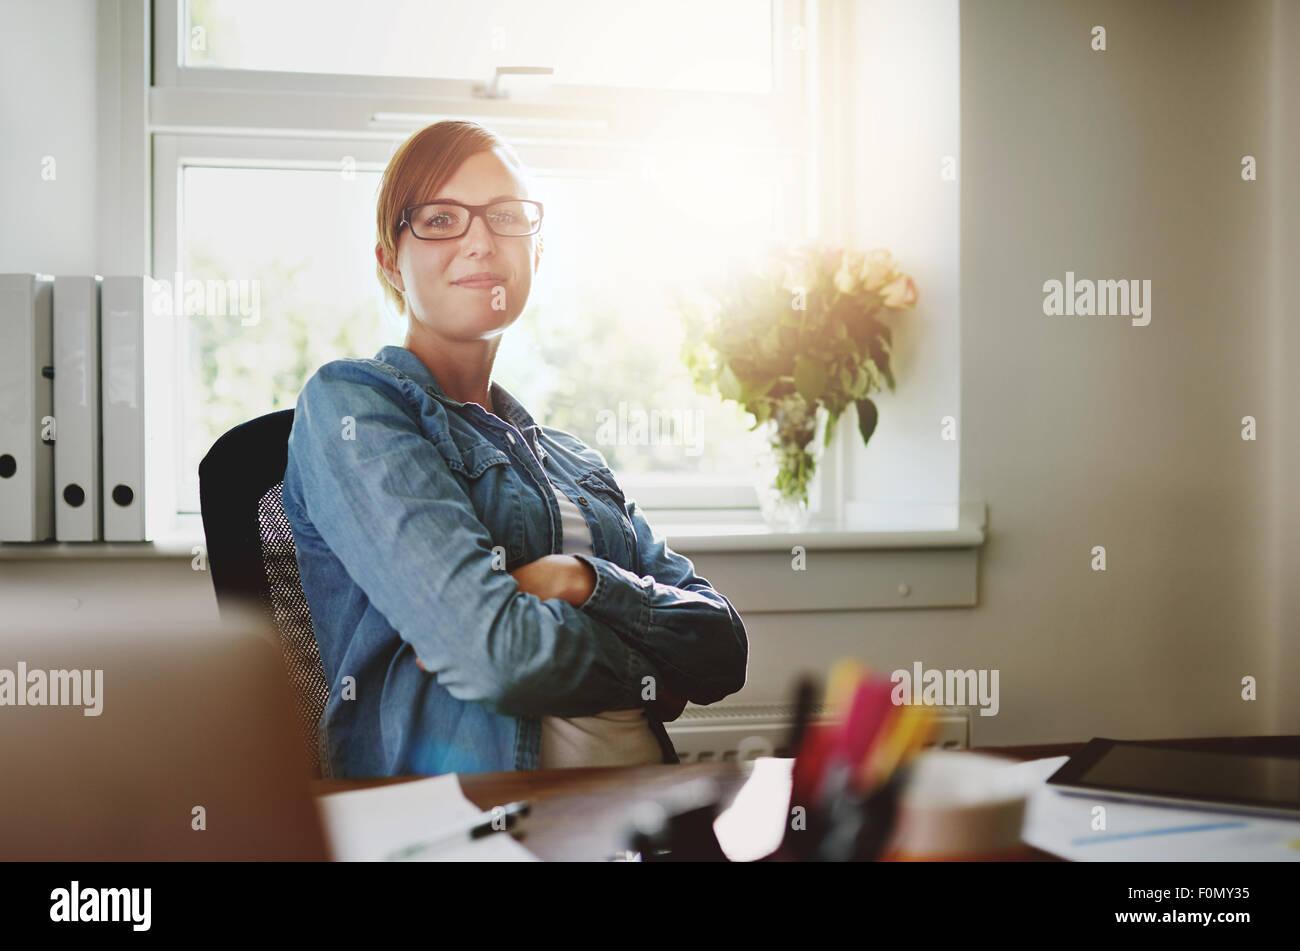 Seguro Oficina Joven Mujer sentada en su escritorio con los brazos cruzando sobre su estómago, sonriendo ante Imagen De Stock